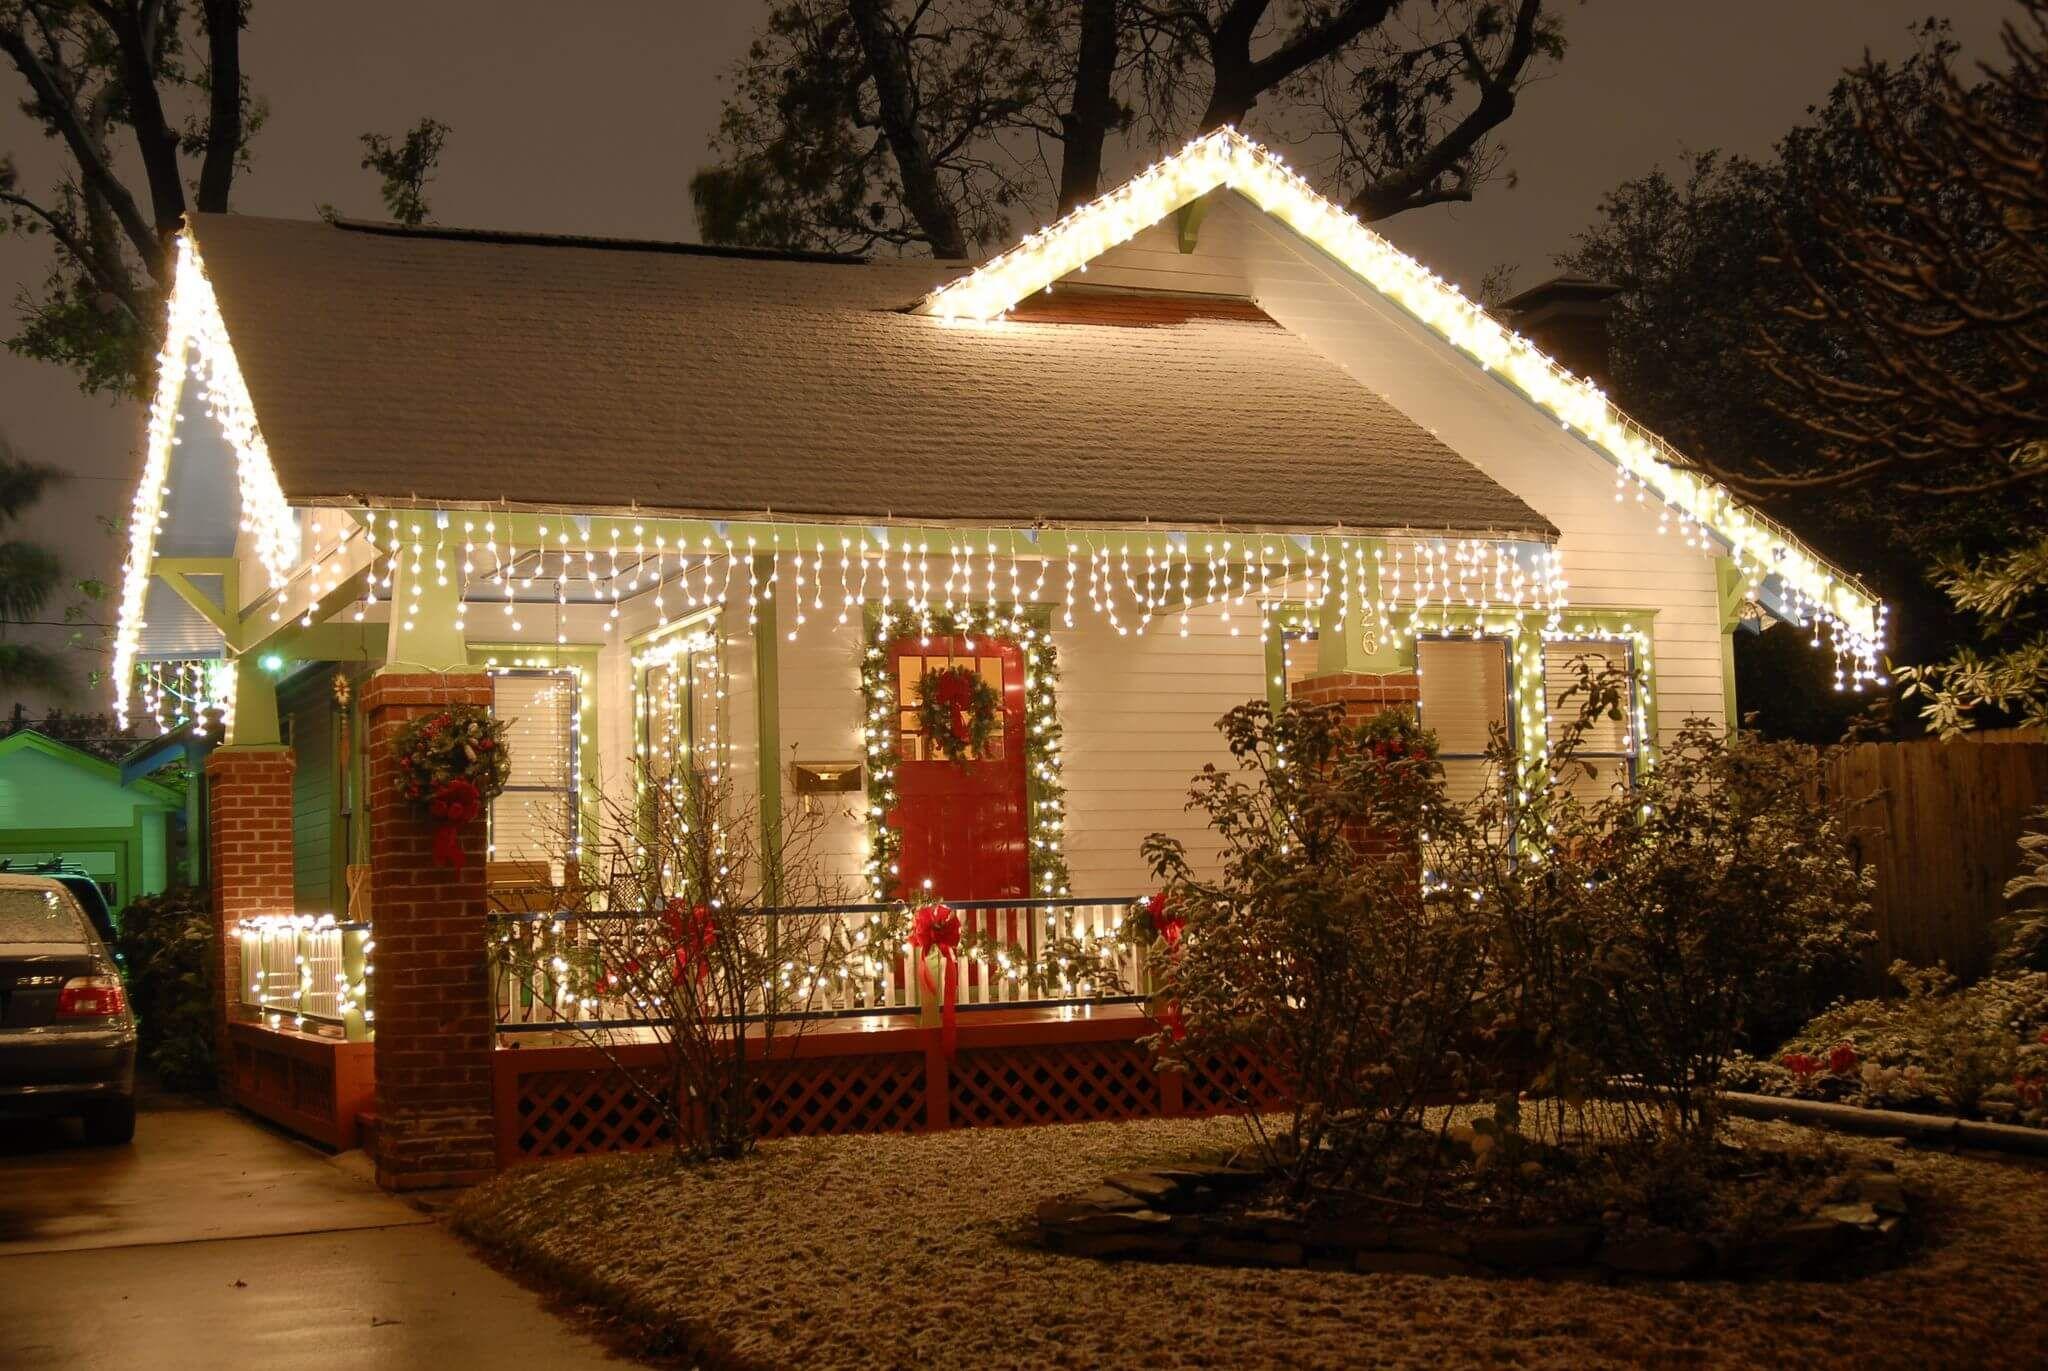 f45c61b8205091ffa5343c2c483e0de7 Wunderschöne Weihnachtsdekoration Aussen Selber Machen Dekorationen